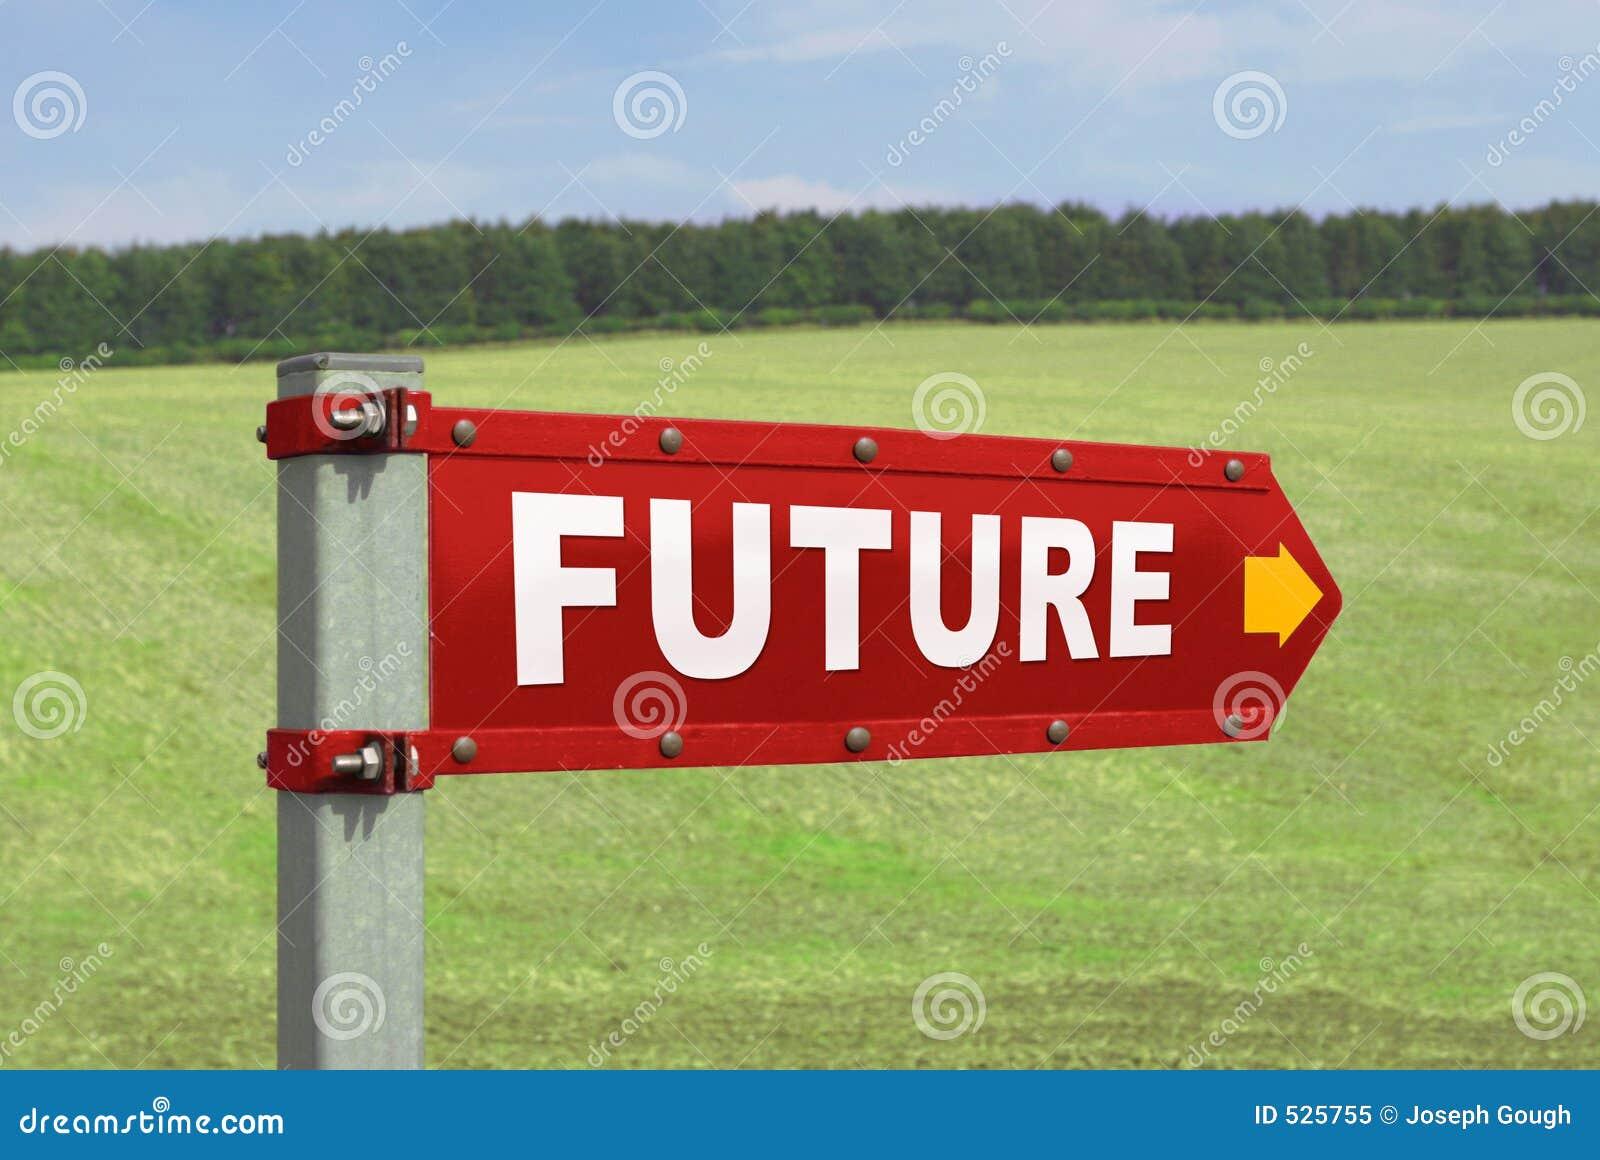 μελλοντικό δείχνοντας οδικό σημάδι